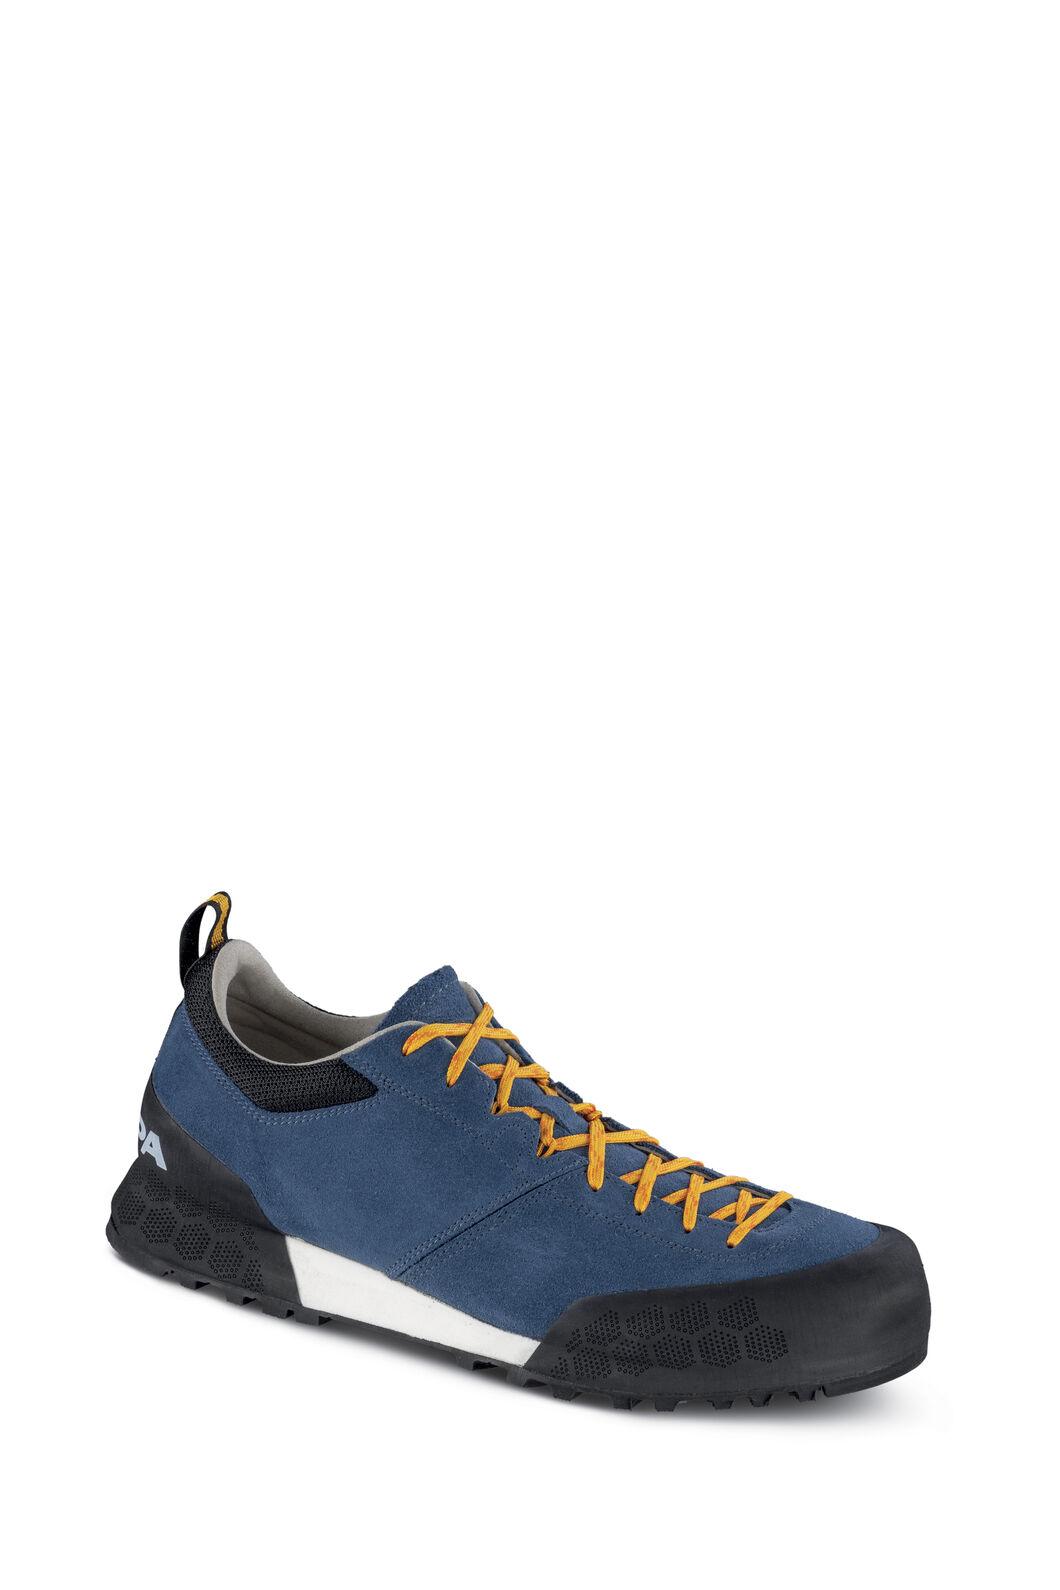 Scarpa Kalipe Approach Low Shoes — Men's, Ocean/Citrus, hi-res